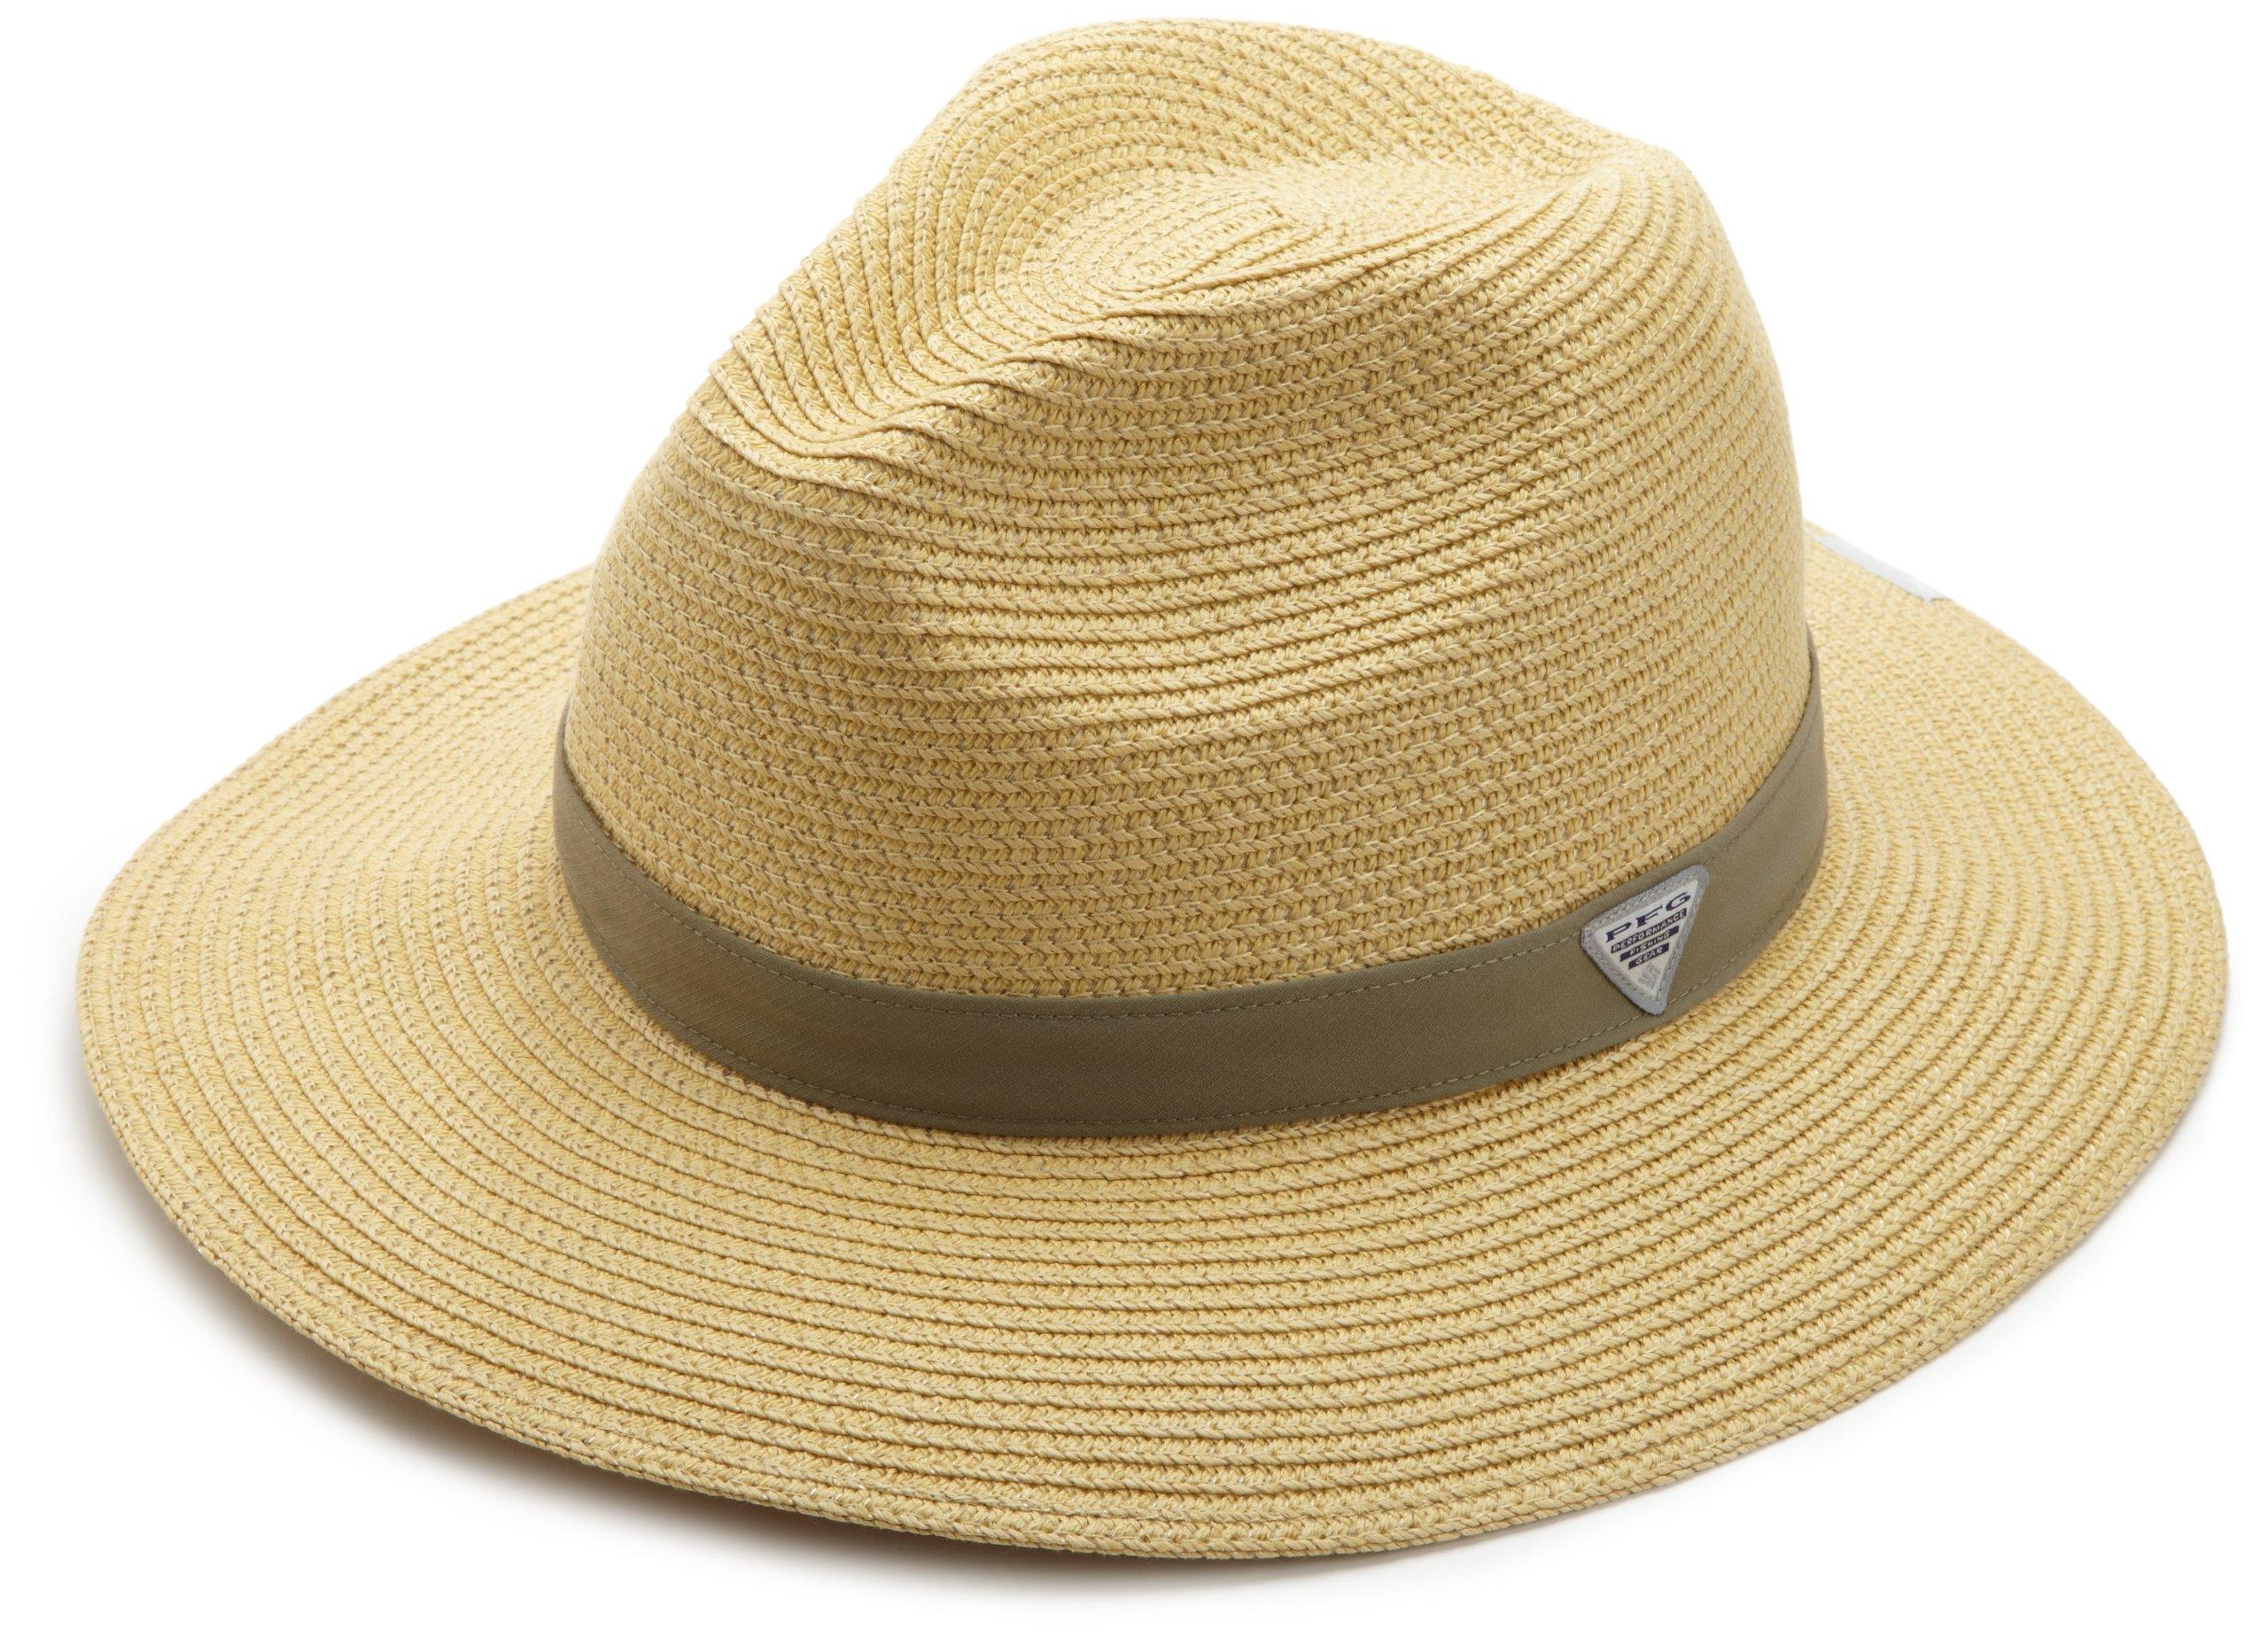 Columbia Bonehead Straw Hat, Natural, Sage, Large/X-Large